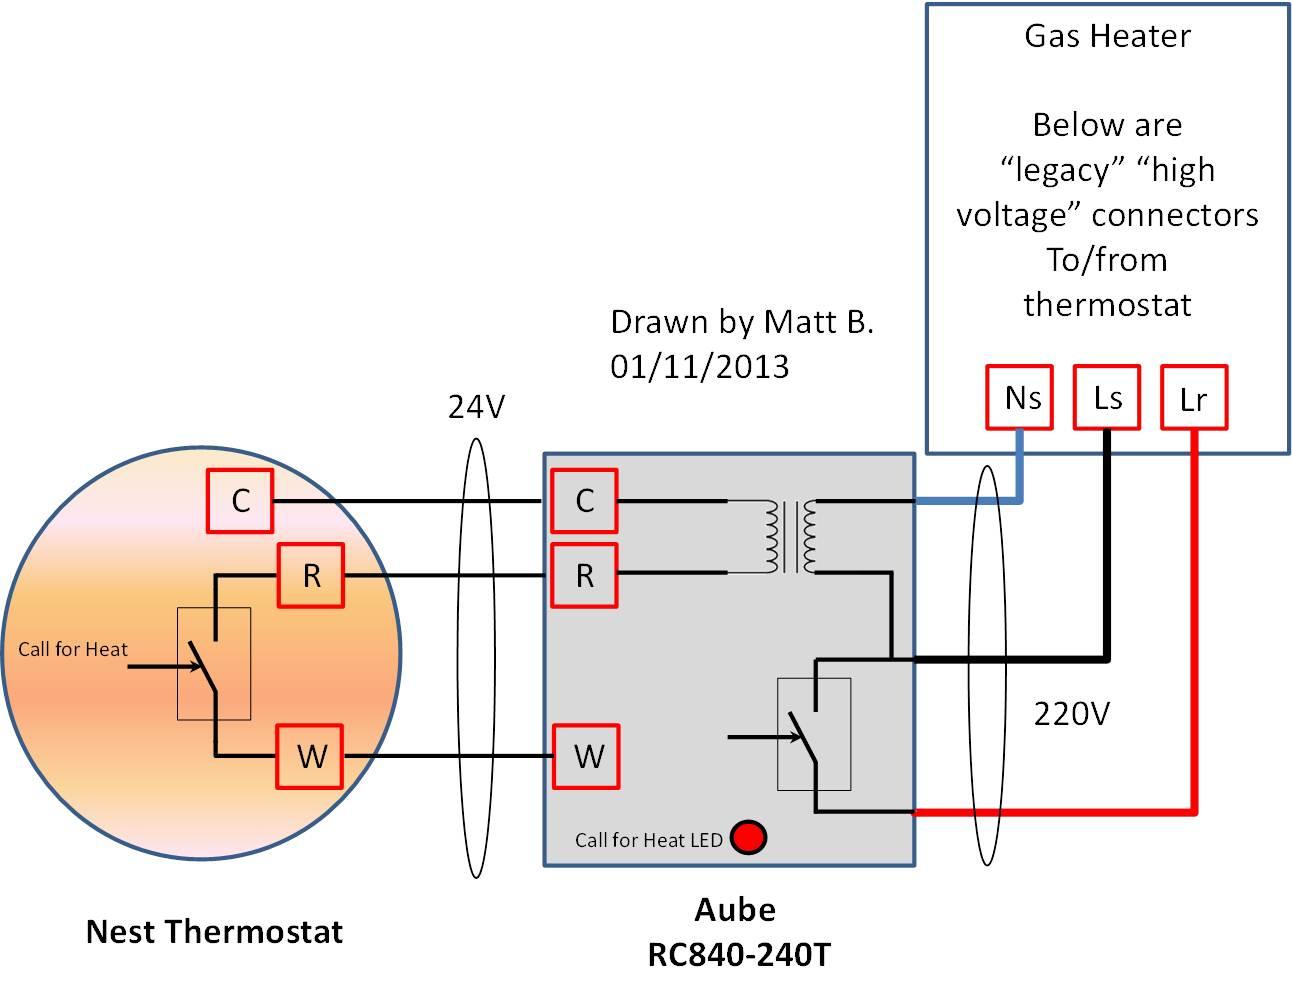 european 220 wire diagram wiring diagram yer european 220v wiring diagram european 220v wiring diagram [ 1292 x 999 Pixel ]